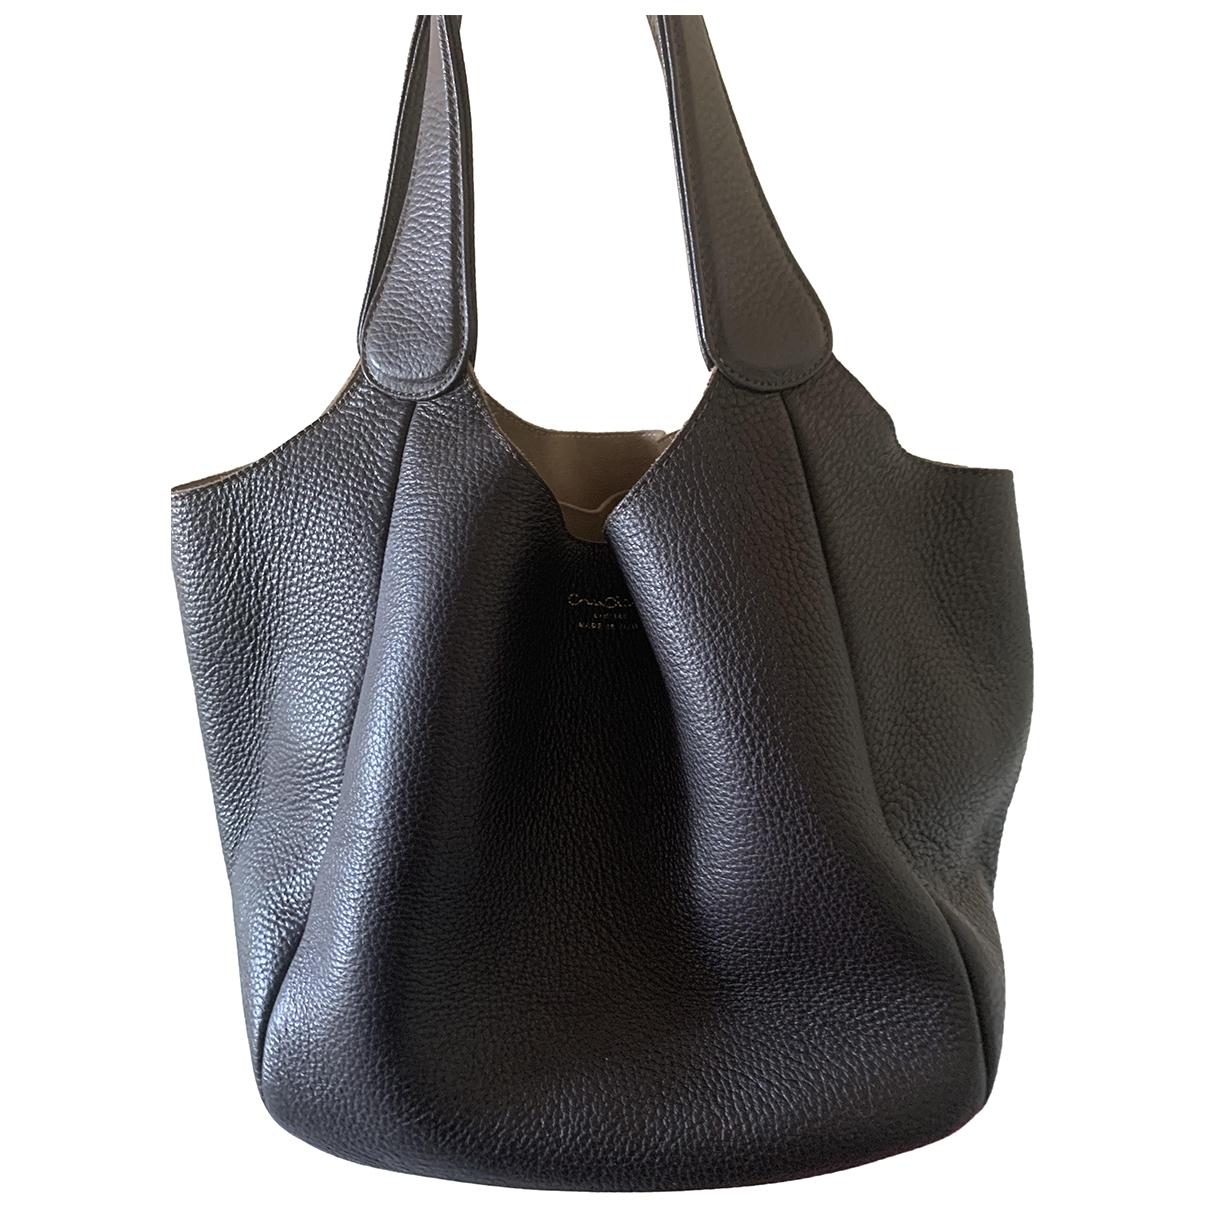 Cruciani \N Handtasche in  Braun Leder